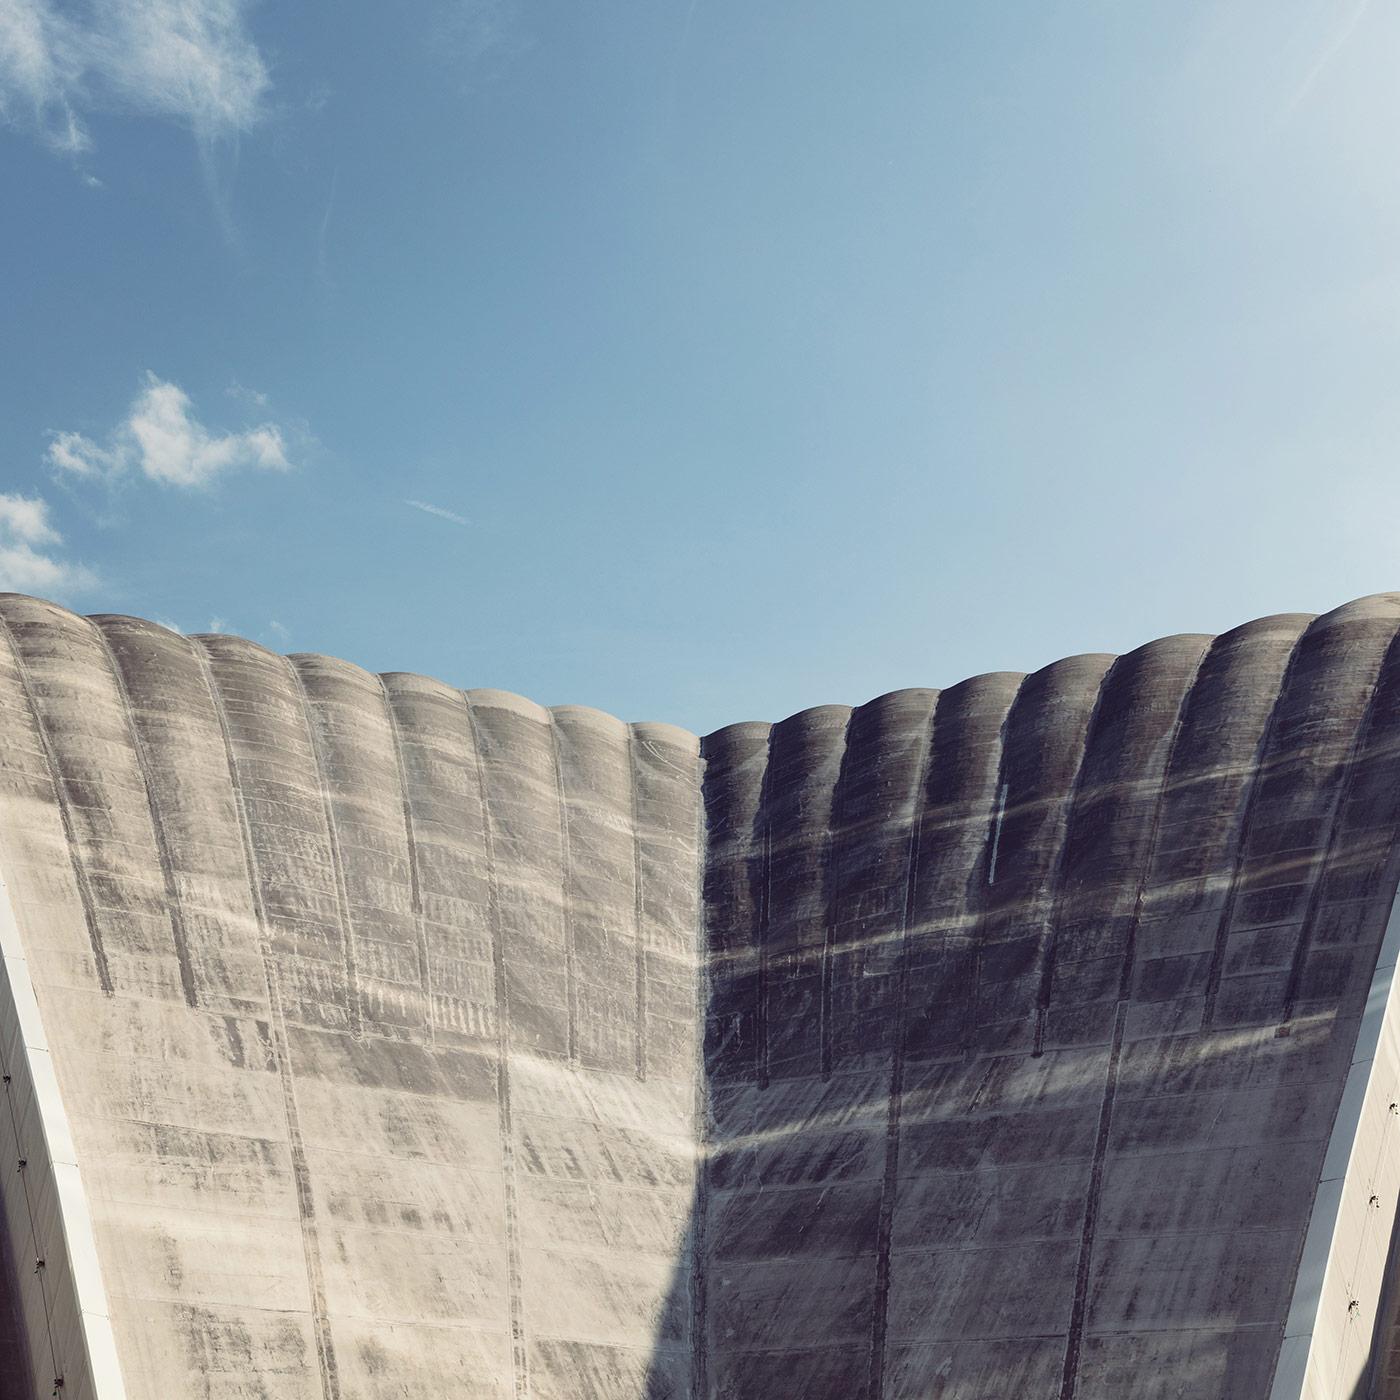 Centre des nouvelles industries et technologies <br />Location: Paris, France <br />Architects: Robert Edouard Camelot, Jean de Mailly and Bernard Zehrfuss